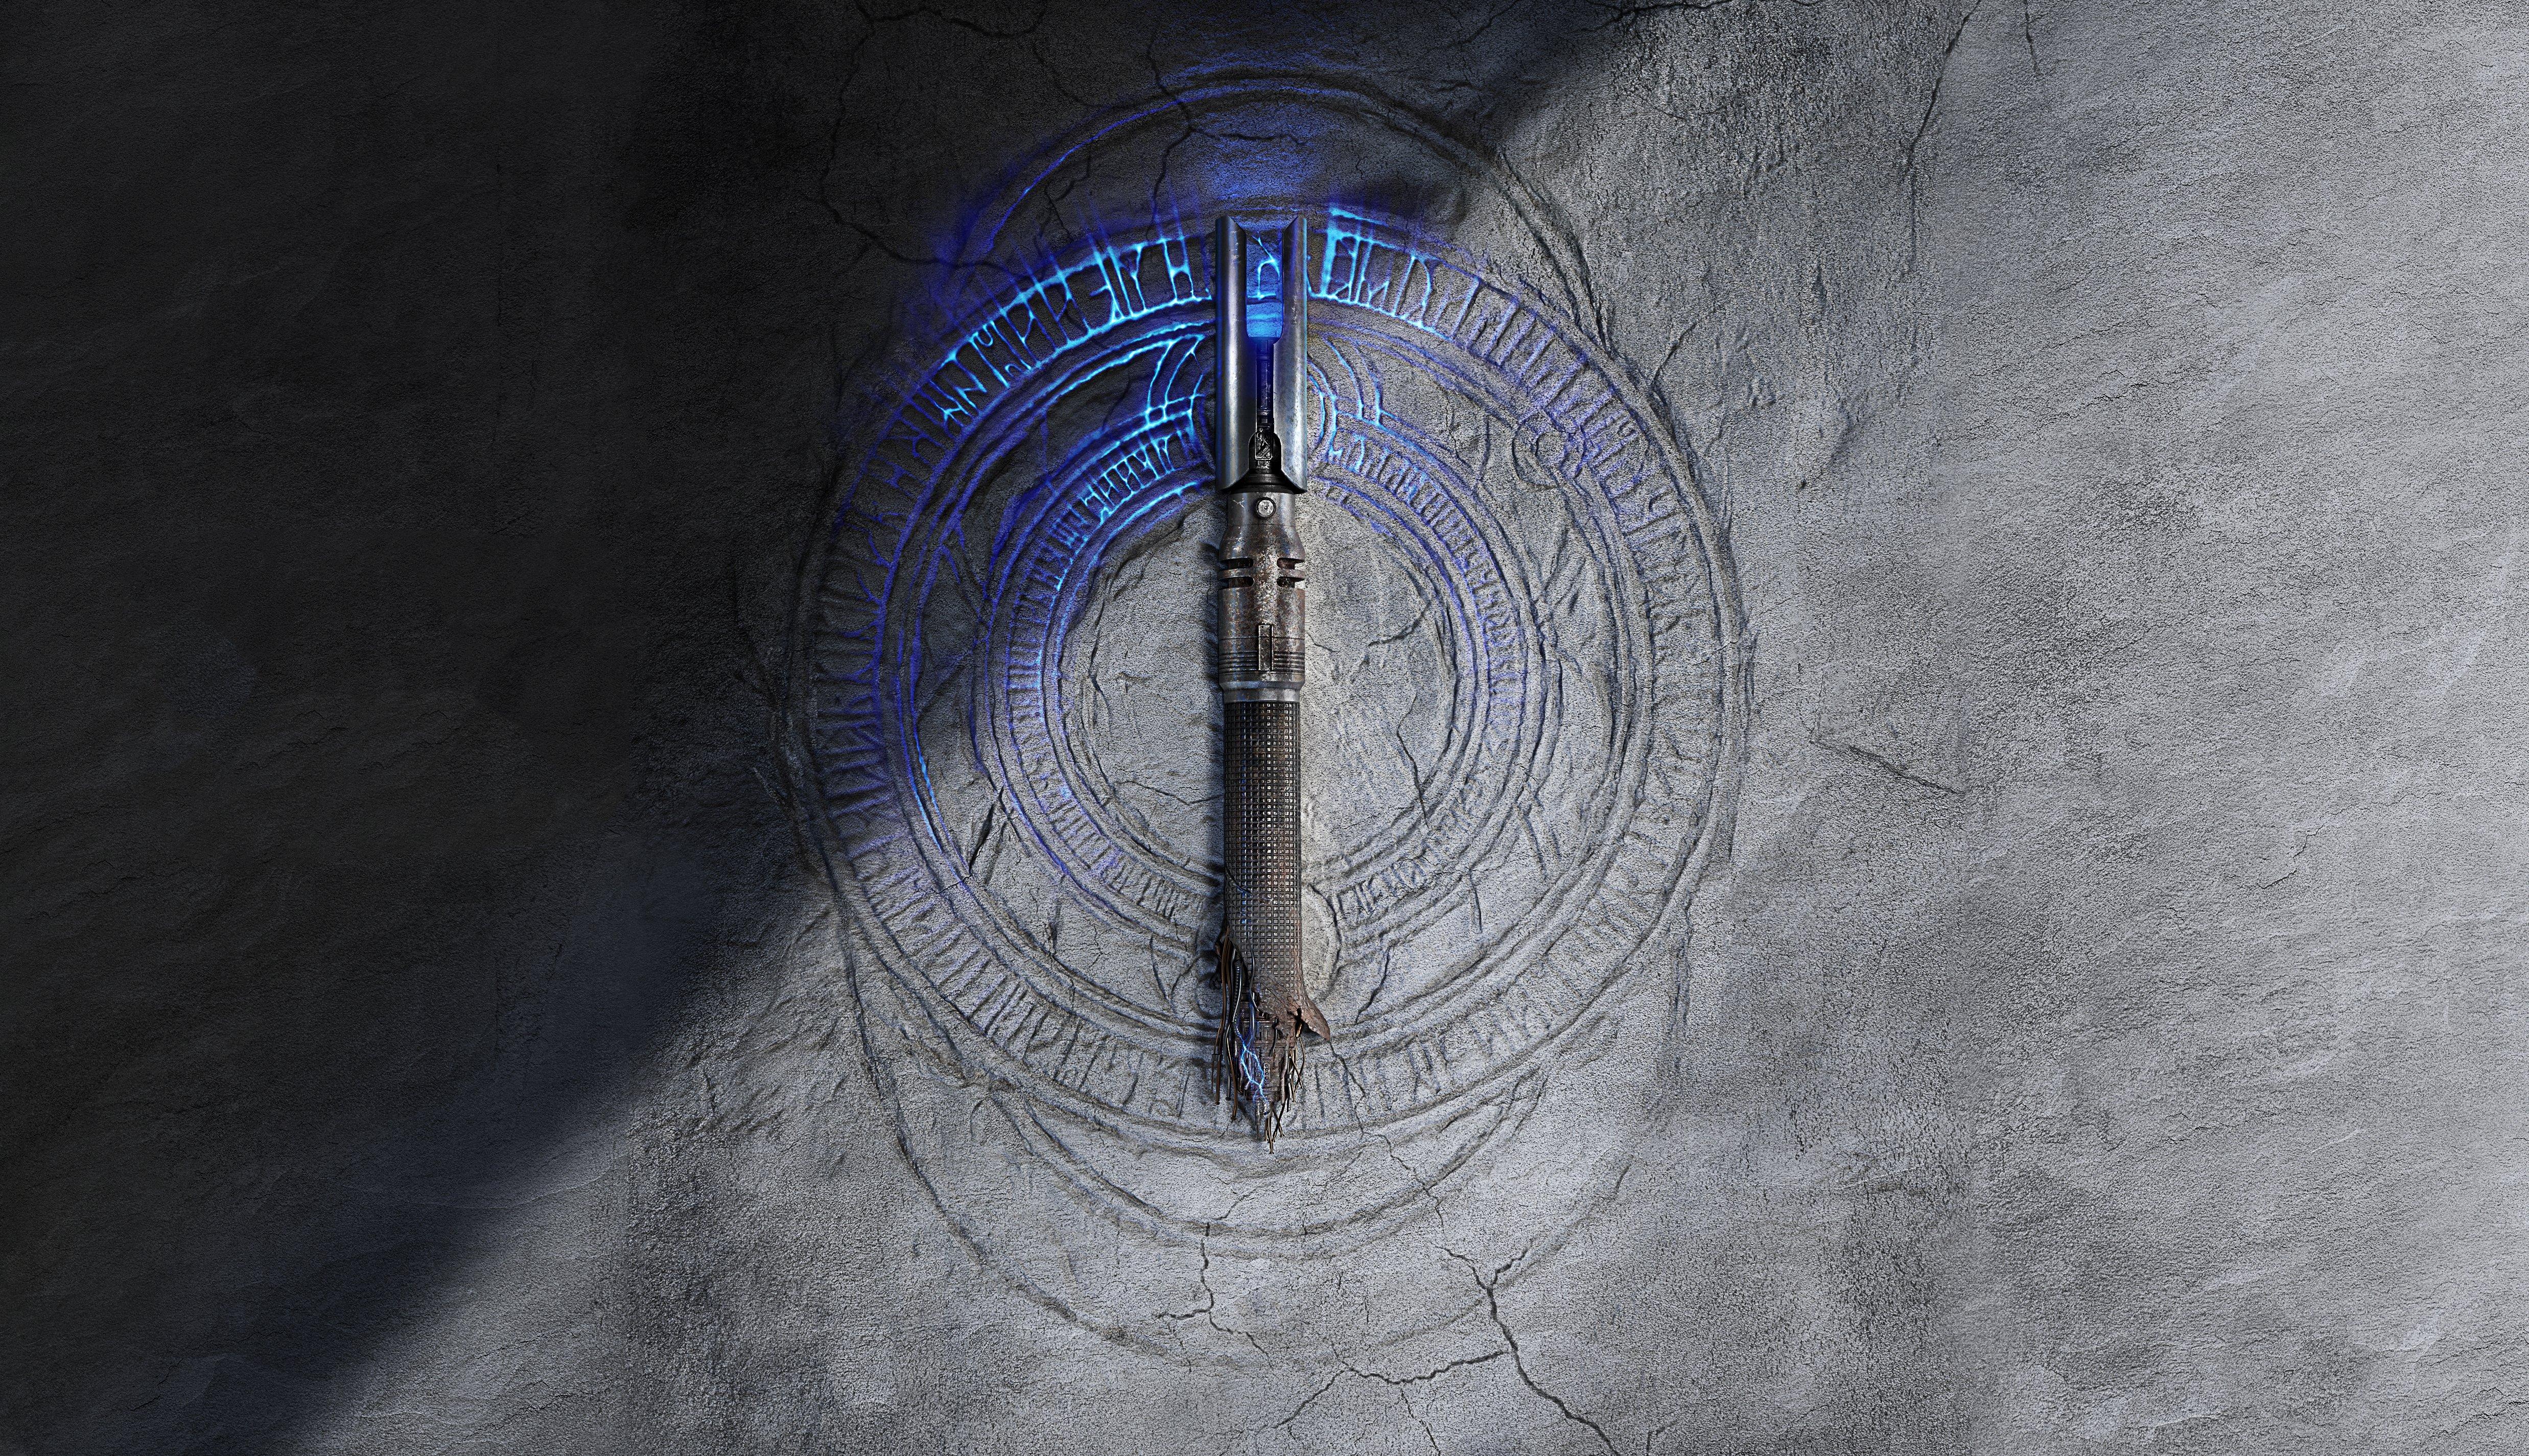 Wallpaper Star Wars Jedi Fallen Order